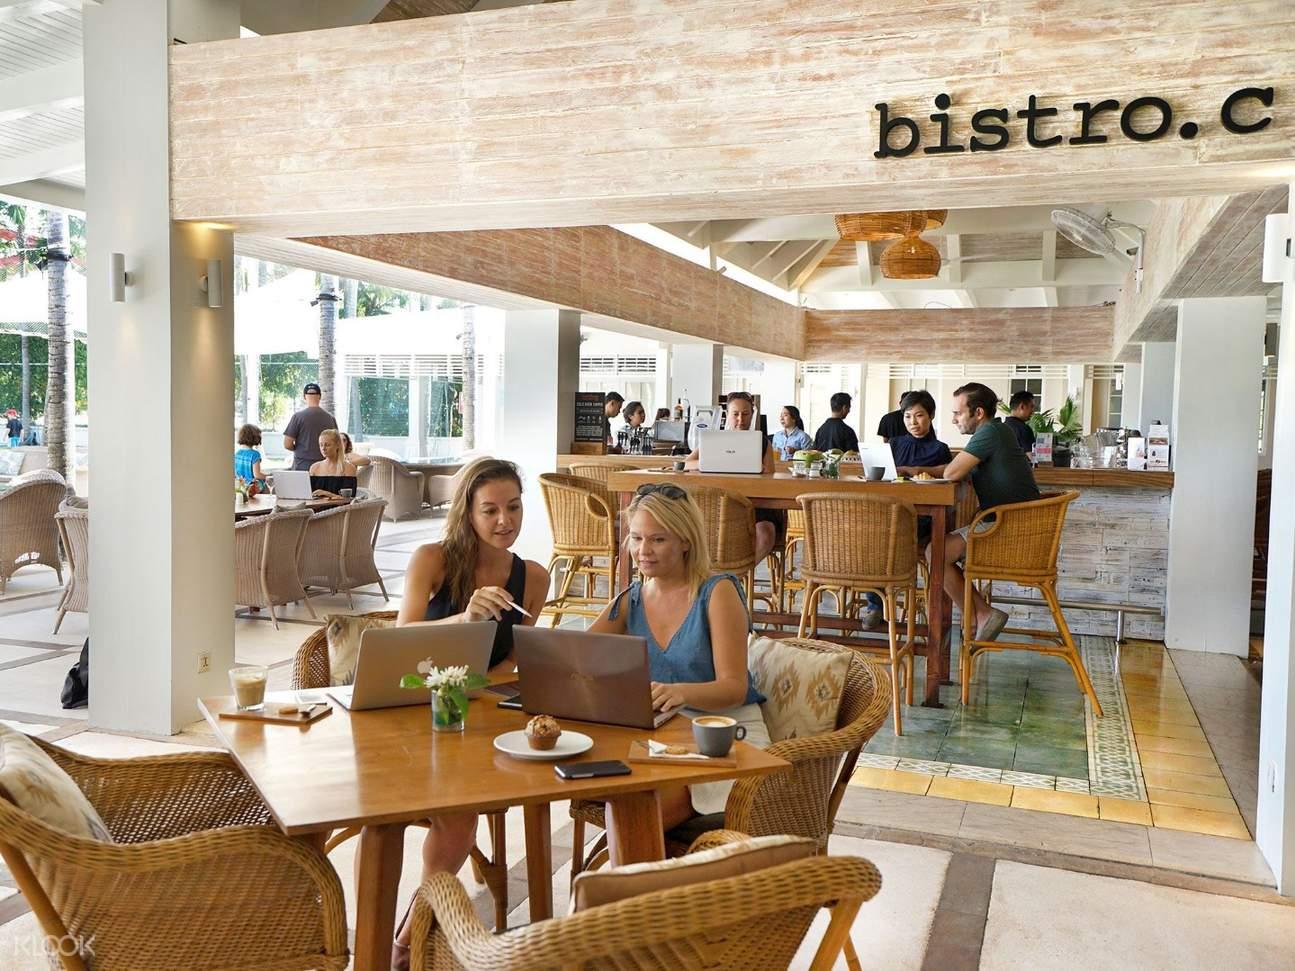 2 women eating inside the bistro restaurant